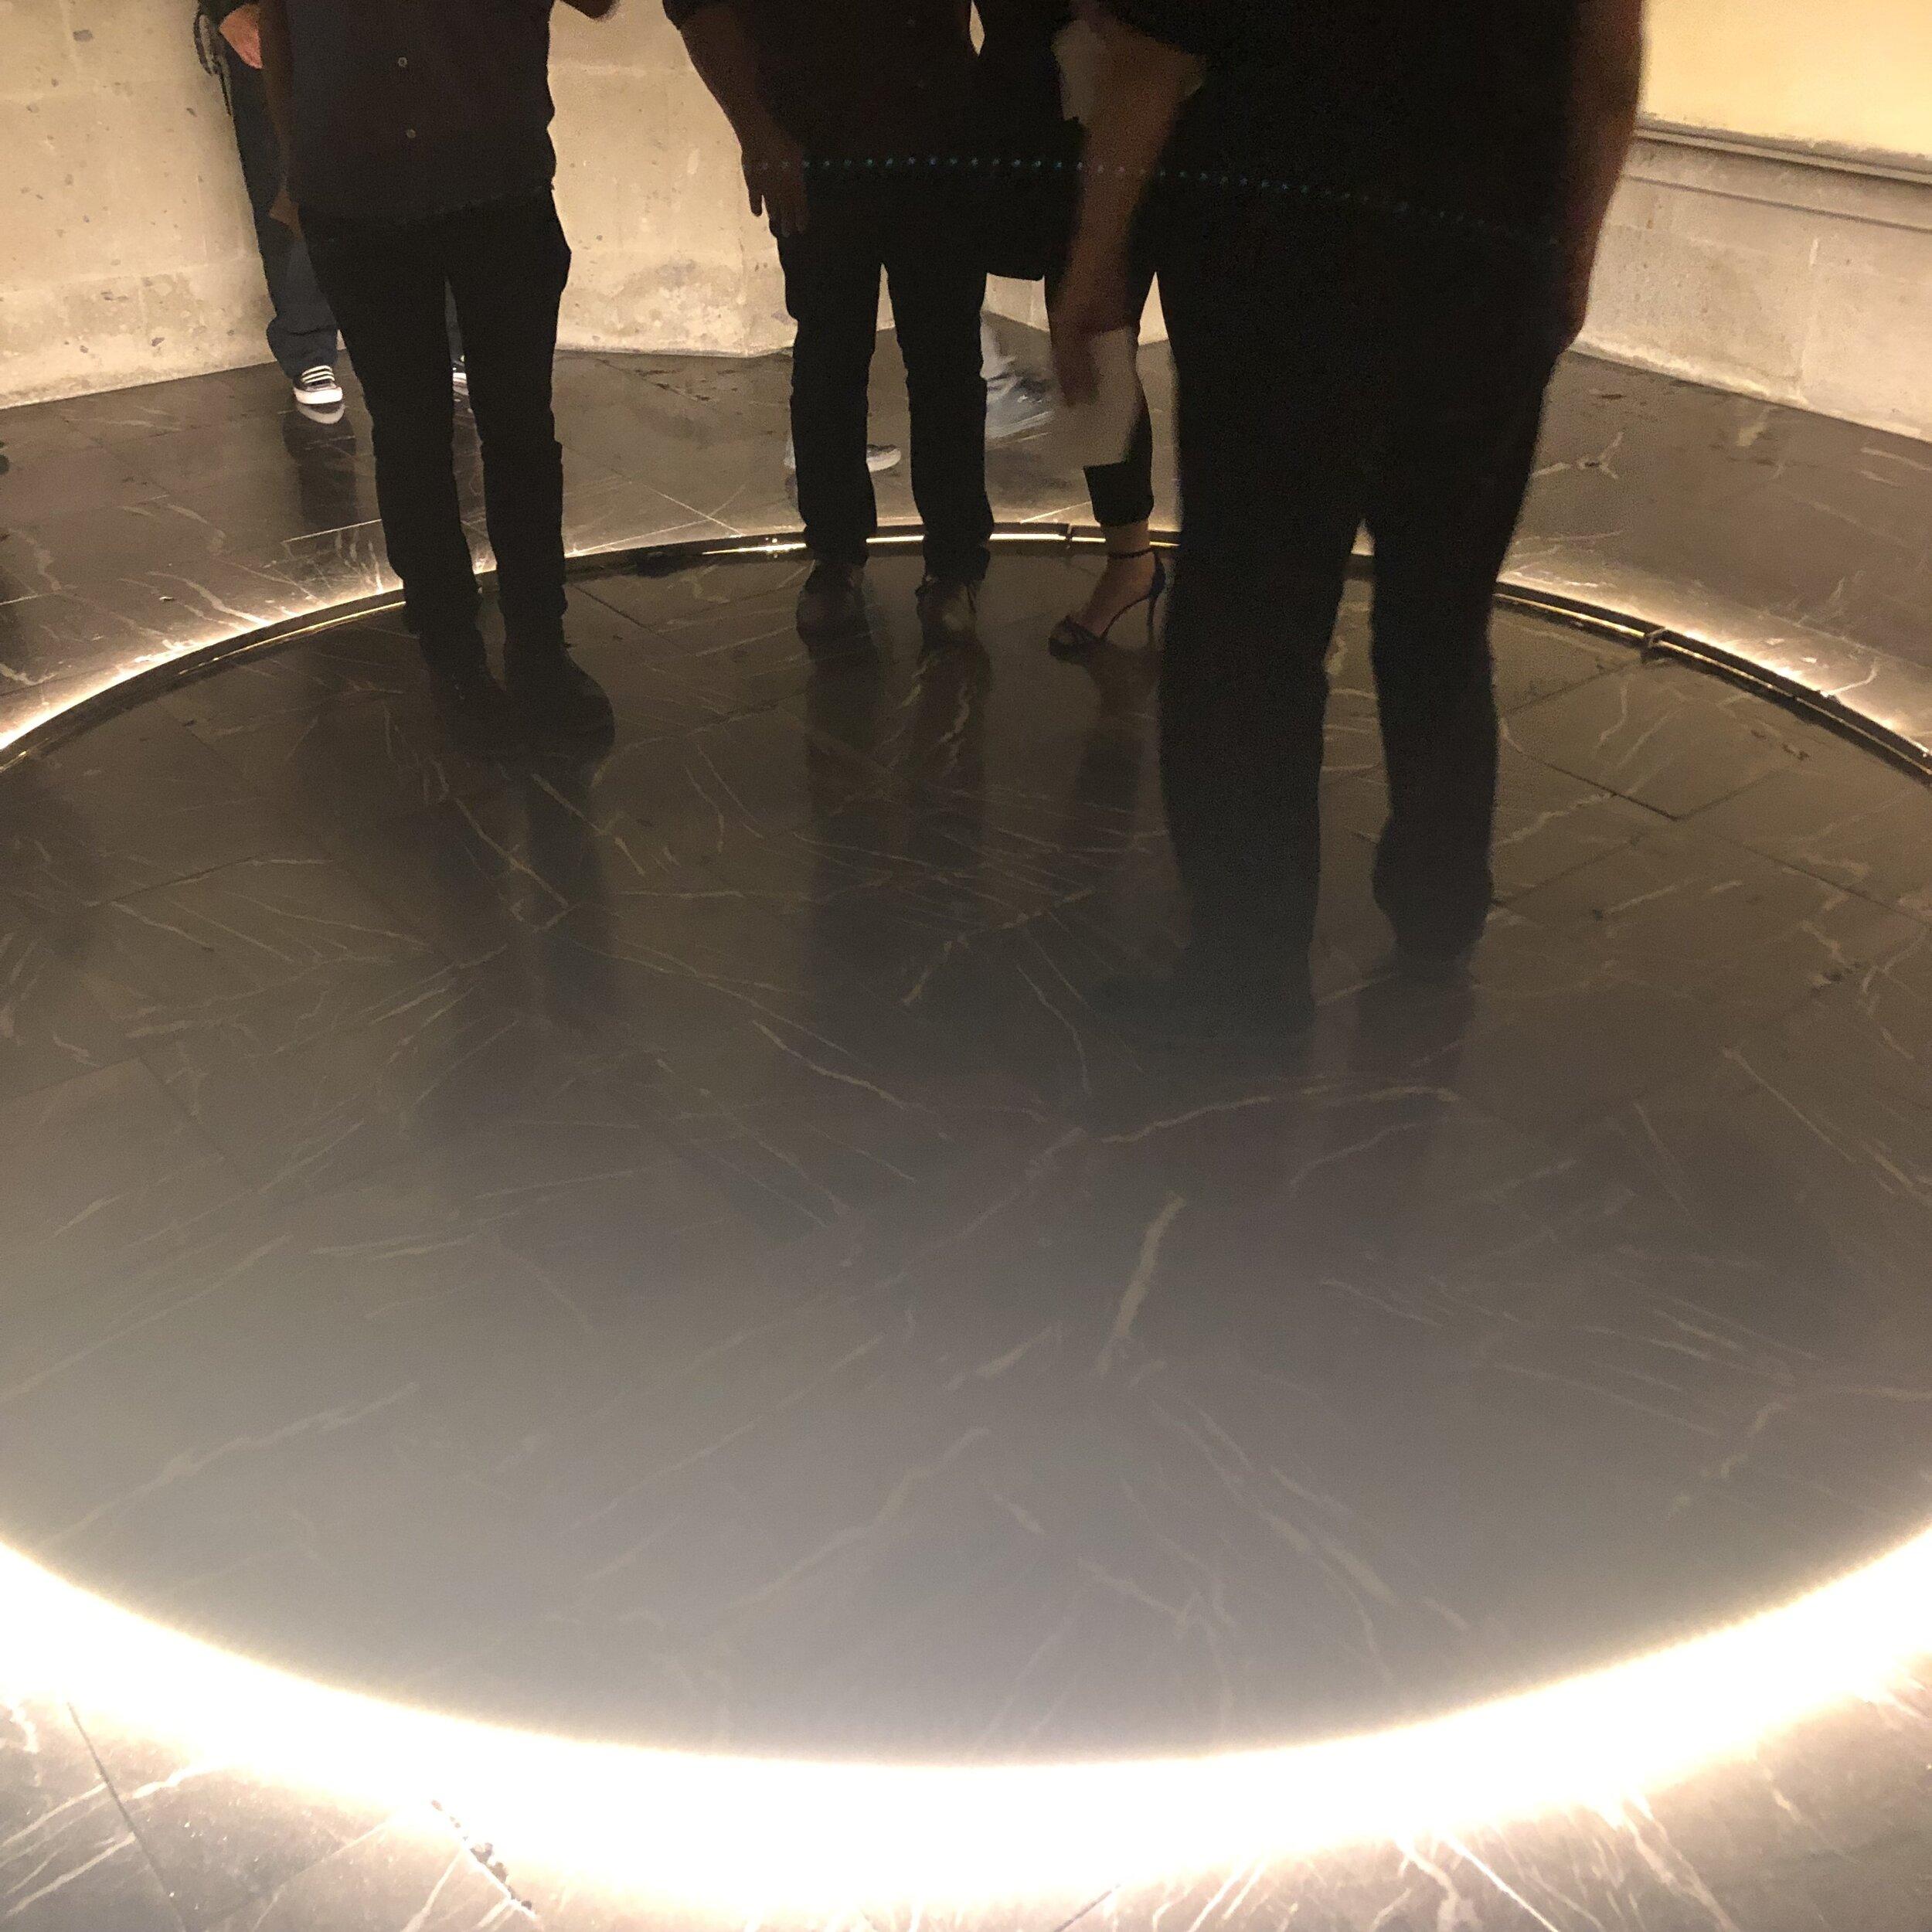 """- Omar Guerra, Caleum et Terram 2019, audio installation at """"Este es el Jardin del Eden"""", a group show curated by Emmanuel Albarrán, Purisima Arte Contemporaneo."""